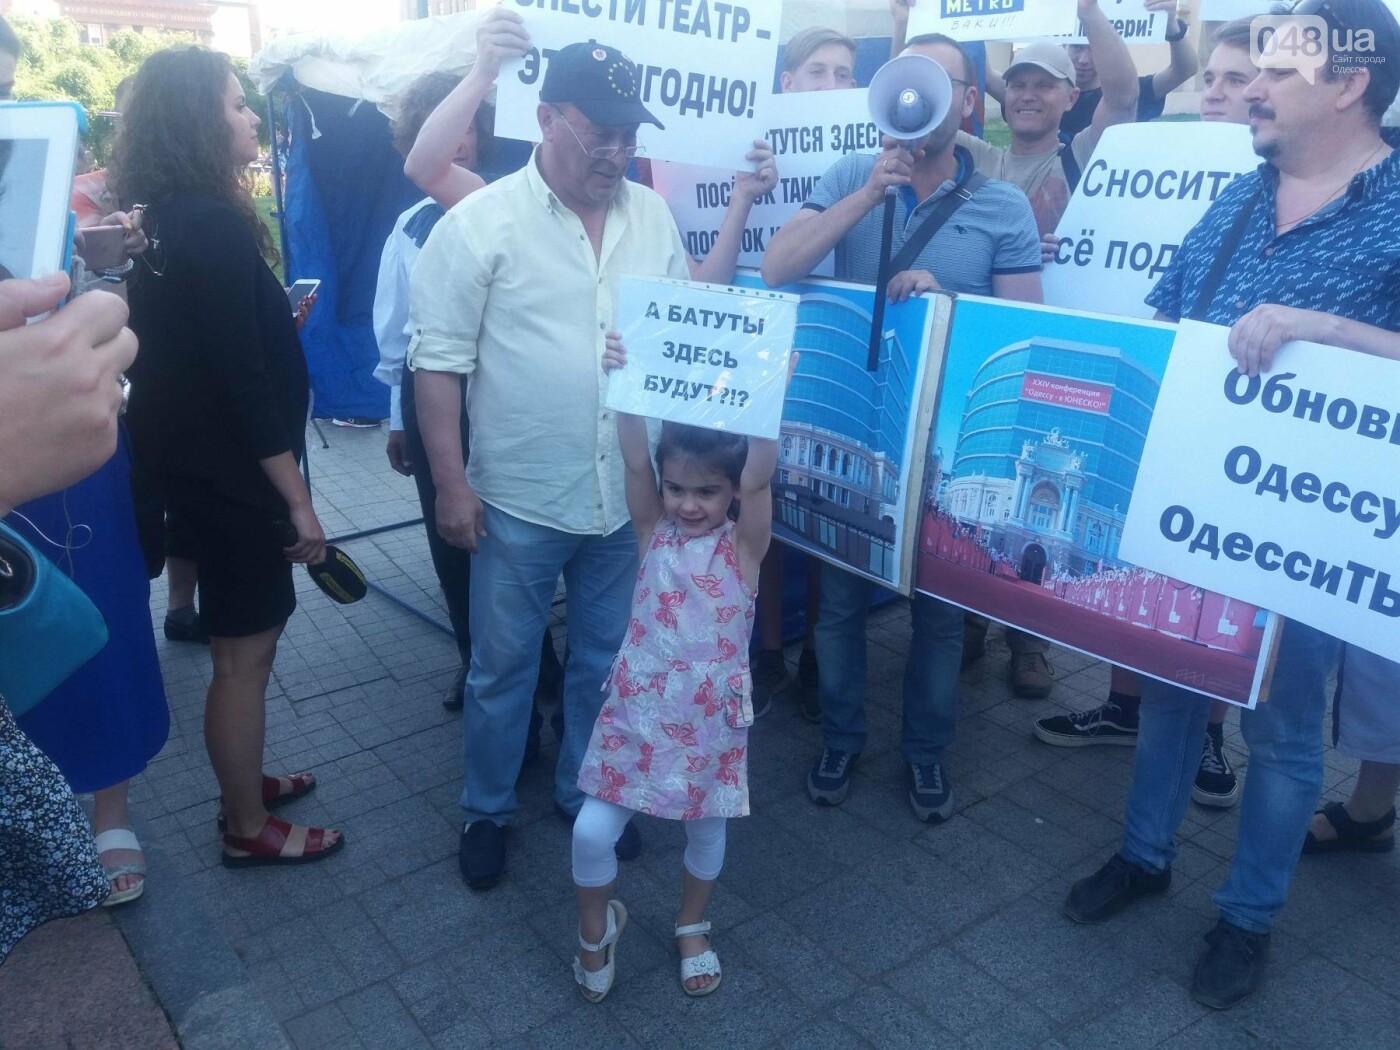 В Одессе требовали снести оперный театр и построить торговый центр, - ФОТО, ВИДЕО, фото-18